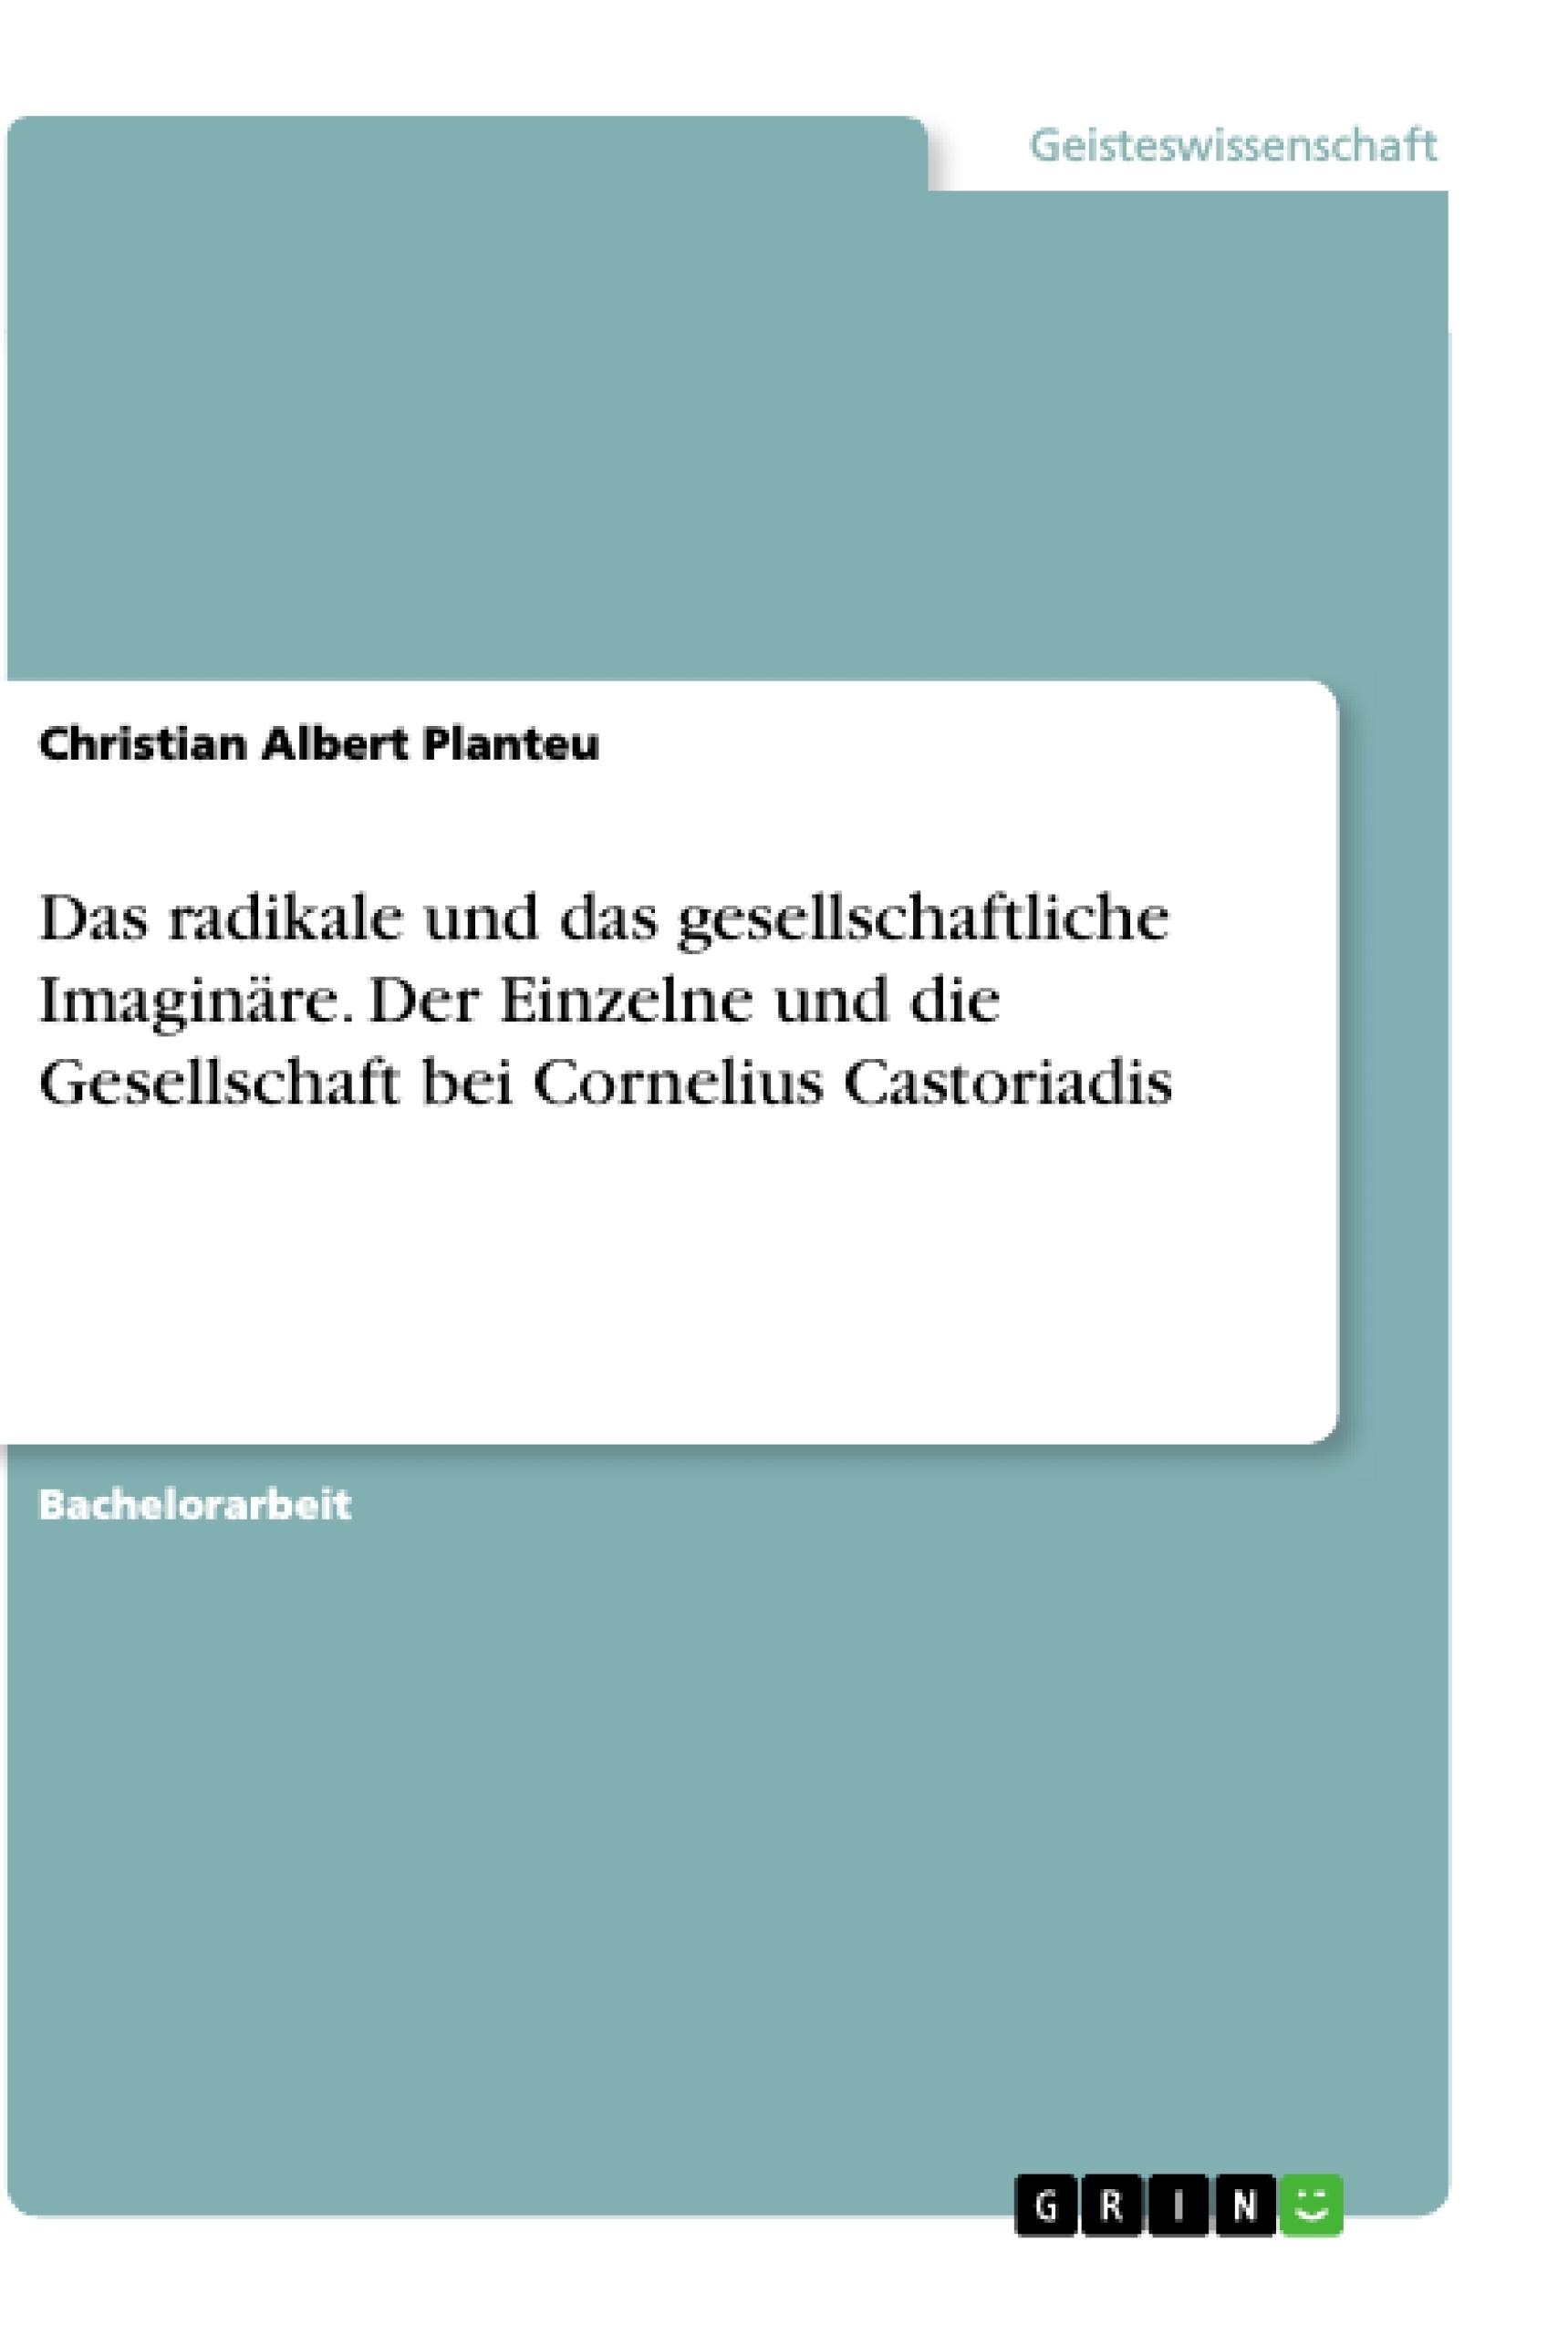 Titel: Das radikale und das gesellschaftliche Imaginäre. Der Einzelne und die Gesellschaft bei Cornelius Castoriadis